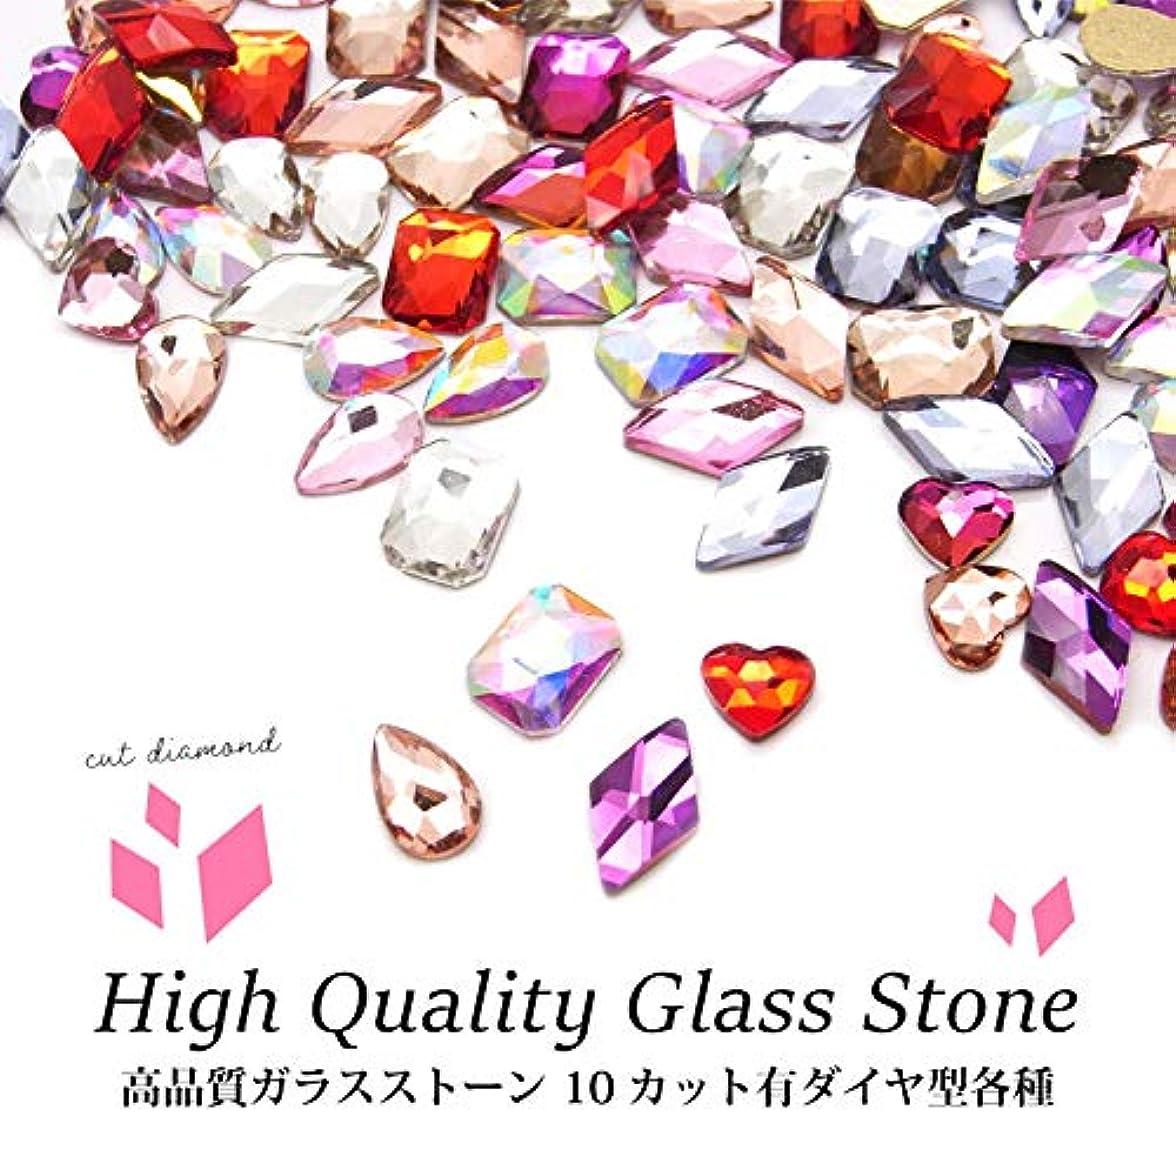 冷笑する書道余剰高品質ガラスストーン 10 カット有ダイヤ型 各種 5個入り (5.ライトサファイア)